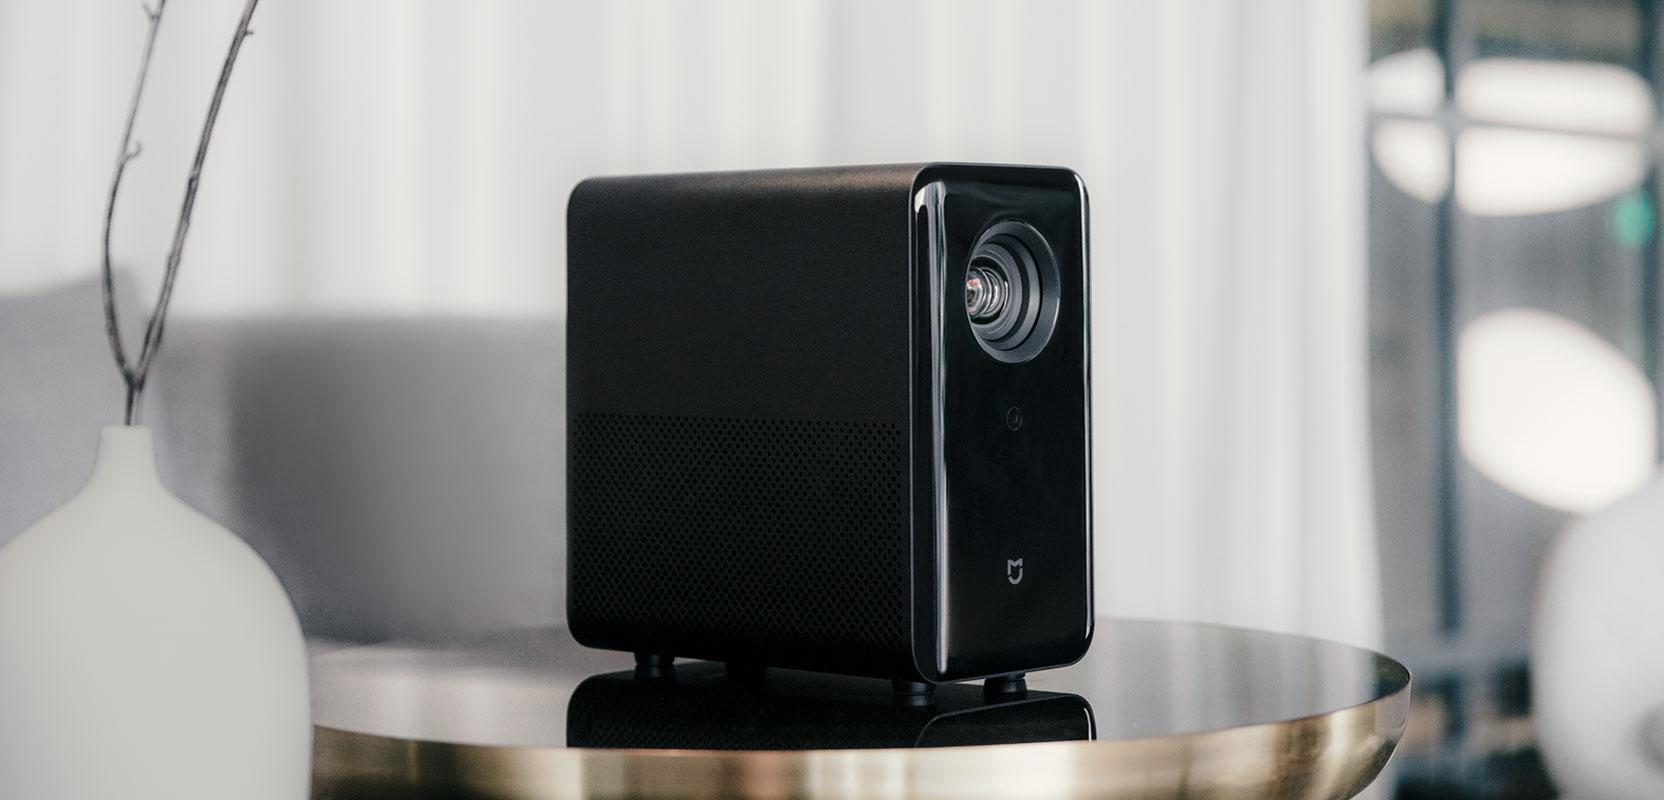 Aniversario de Geekbuying - Xiaomi Mijia Projector